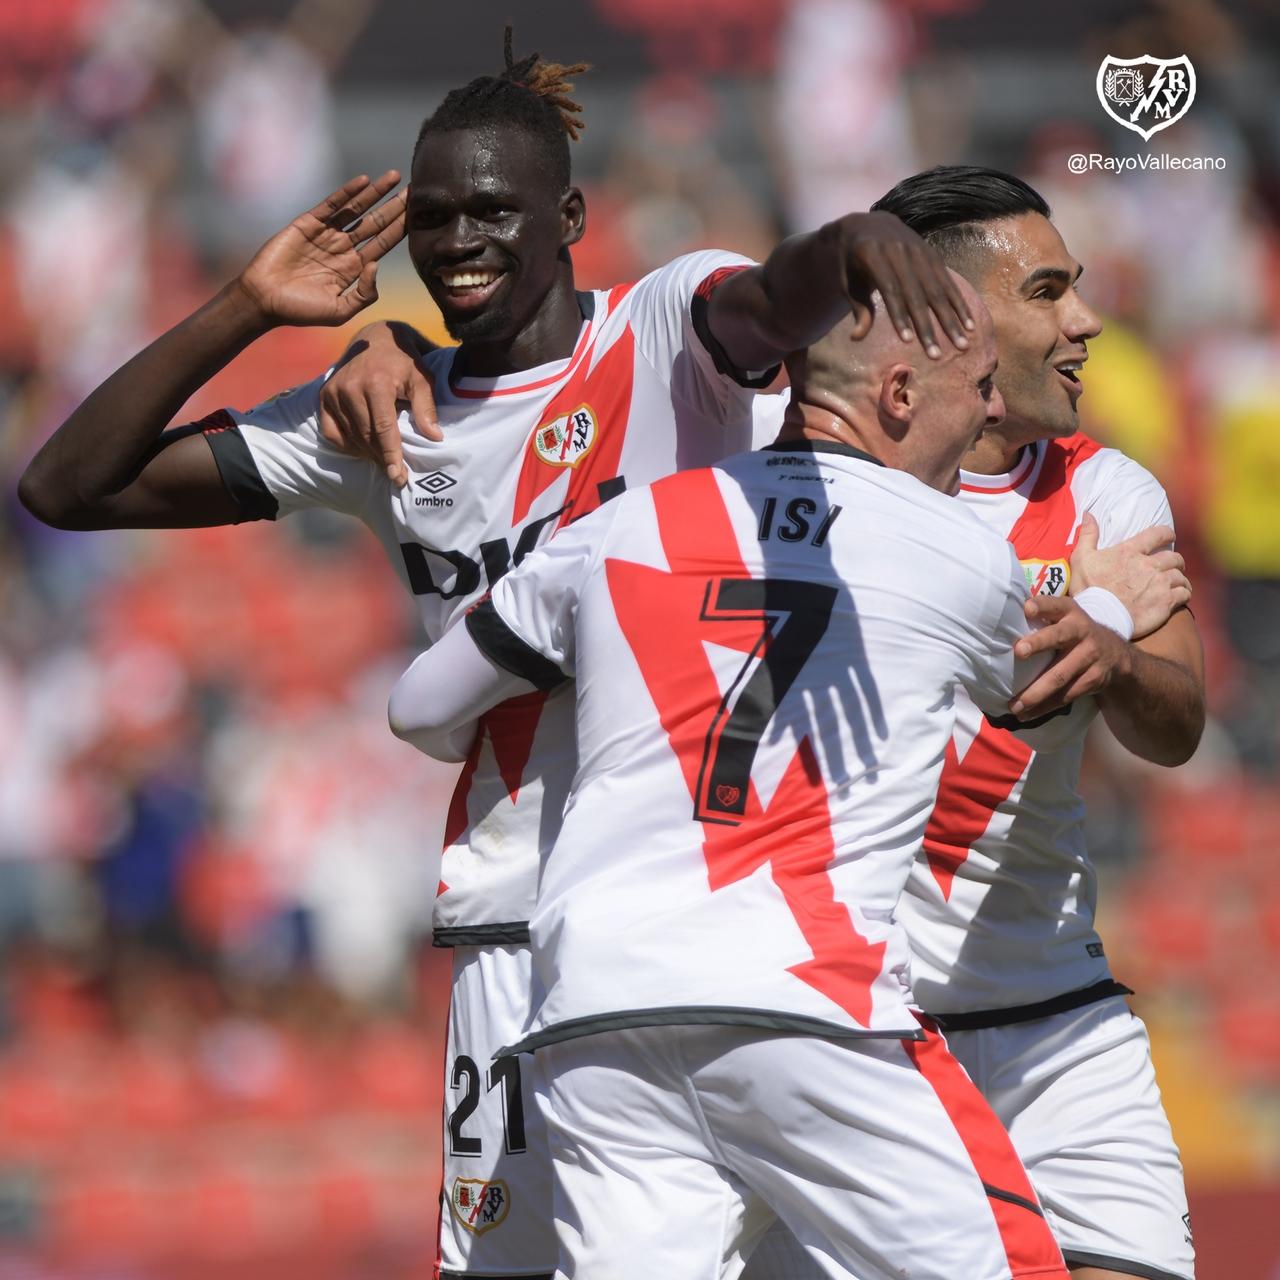 Falcao Garcia debuto con gol en el Rayo Vallecano 4